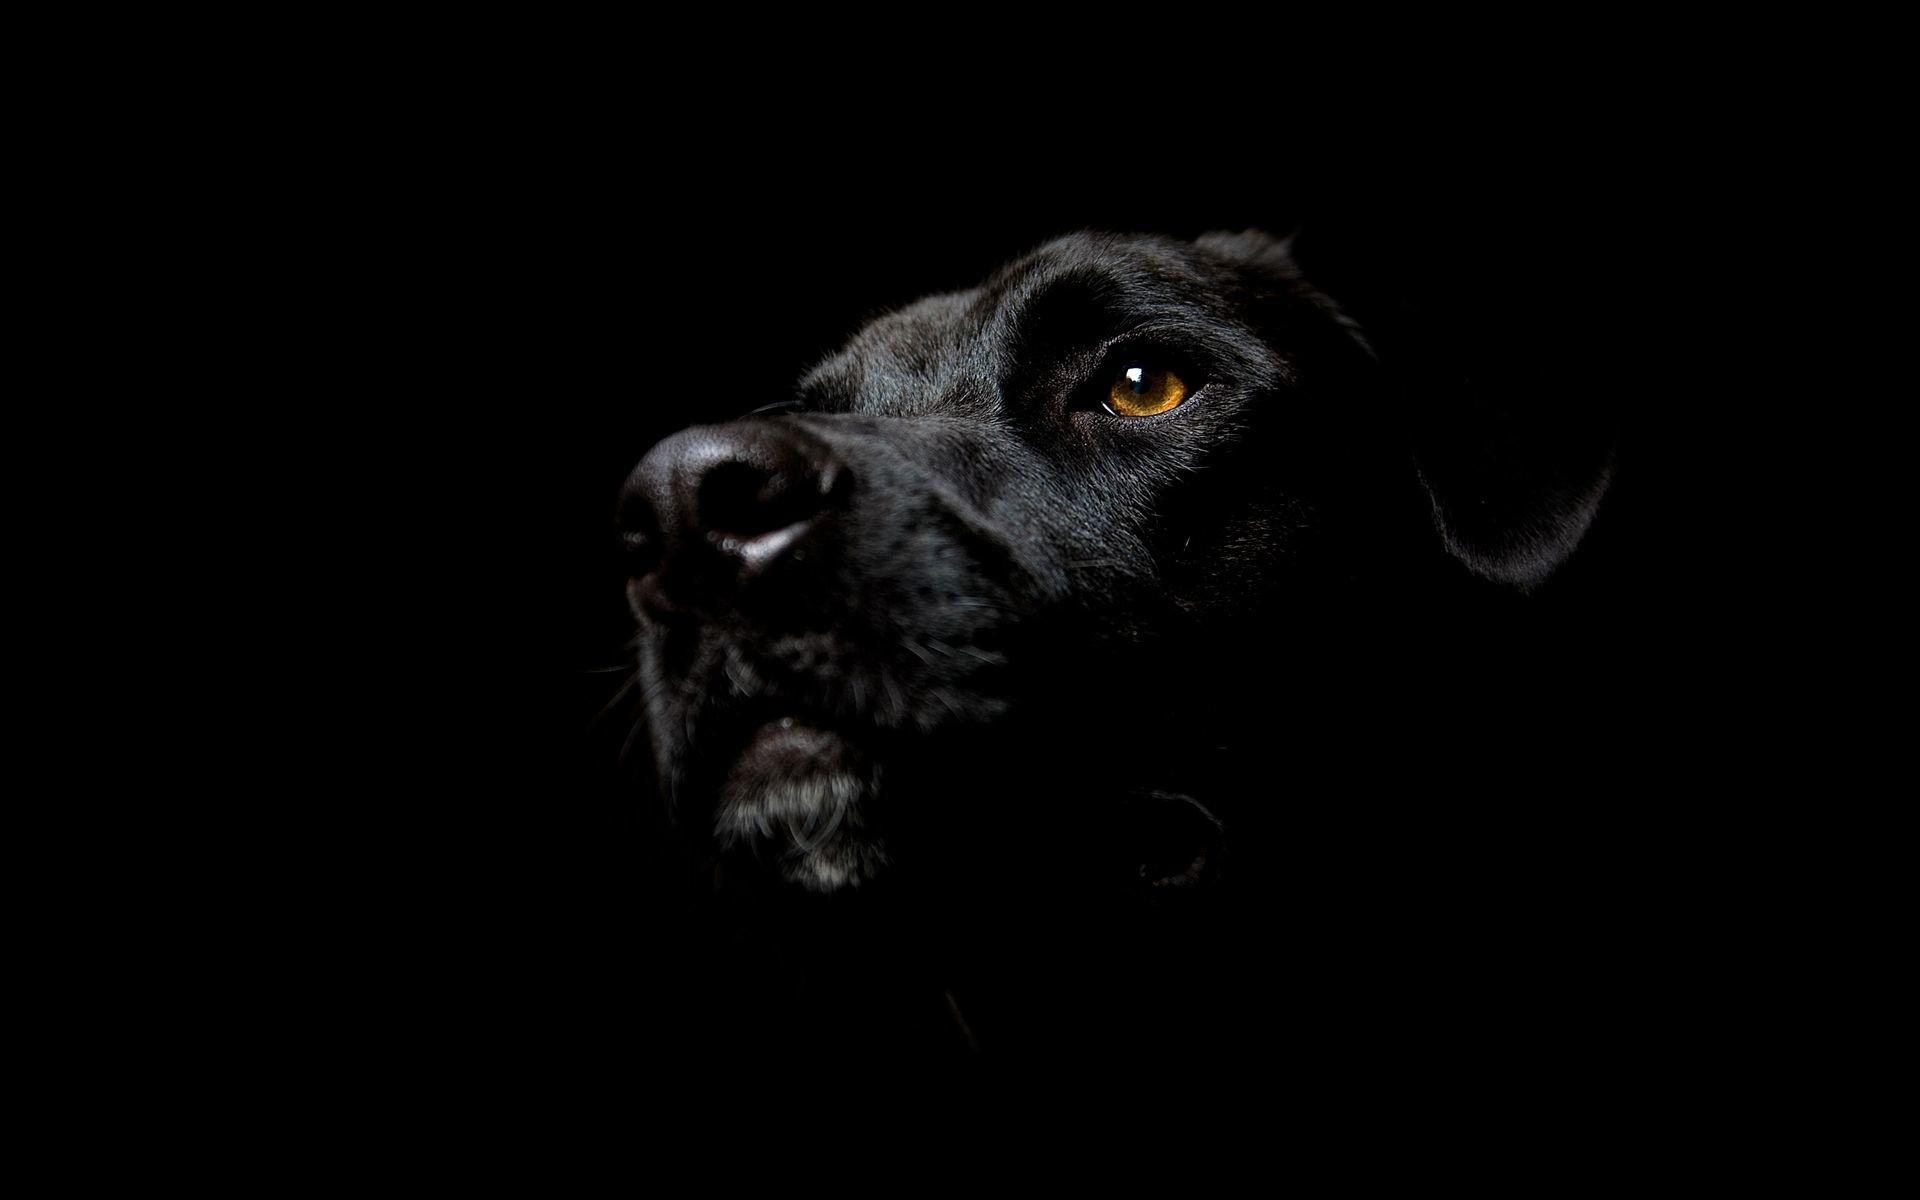 desktop black dog wallpaper hd download Dog wallpapers, HD puppy wallpaper,  Free dog wallpapers